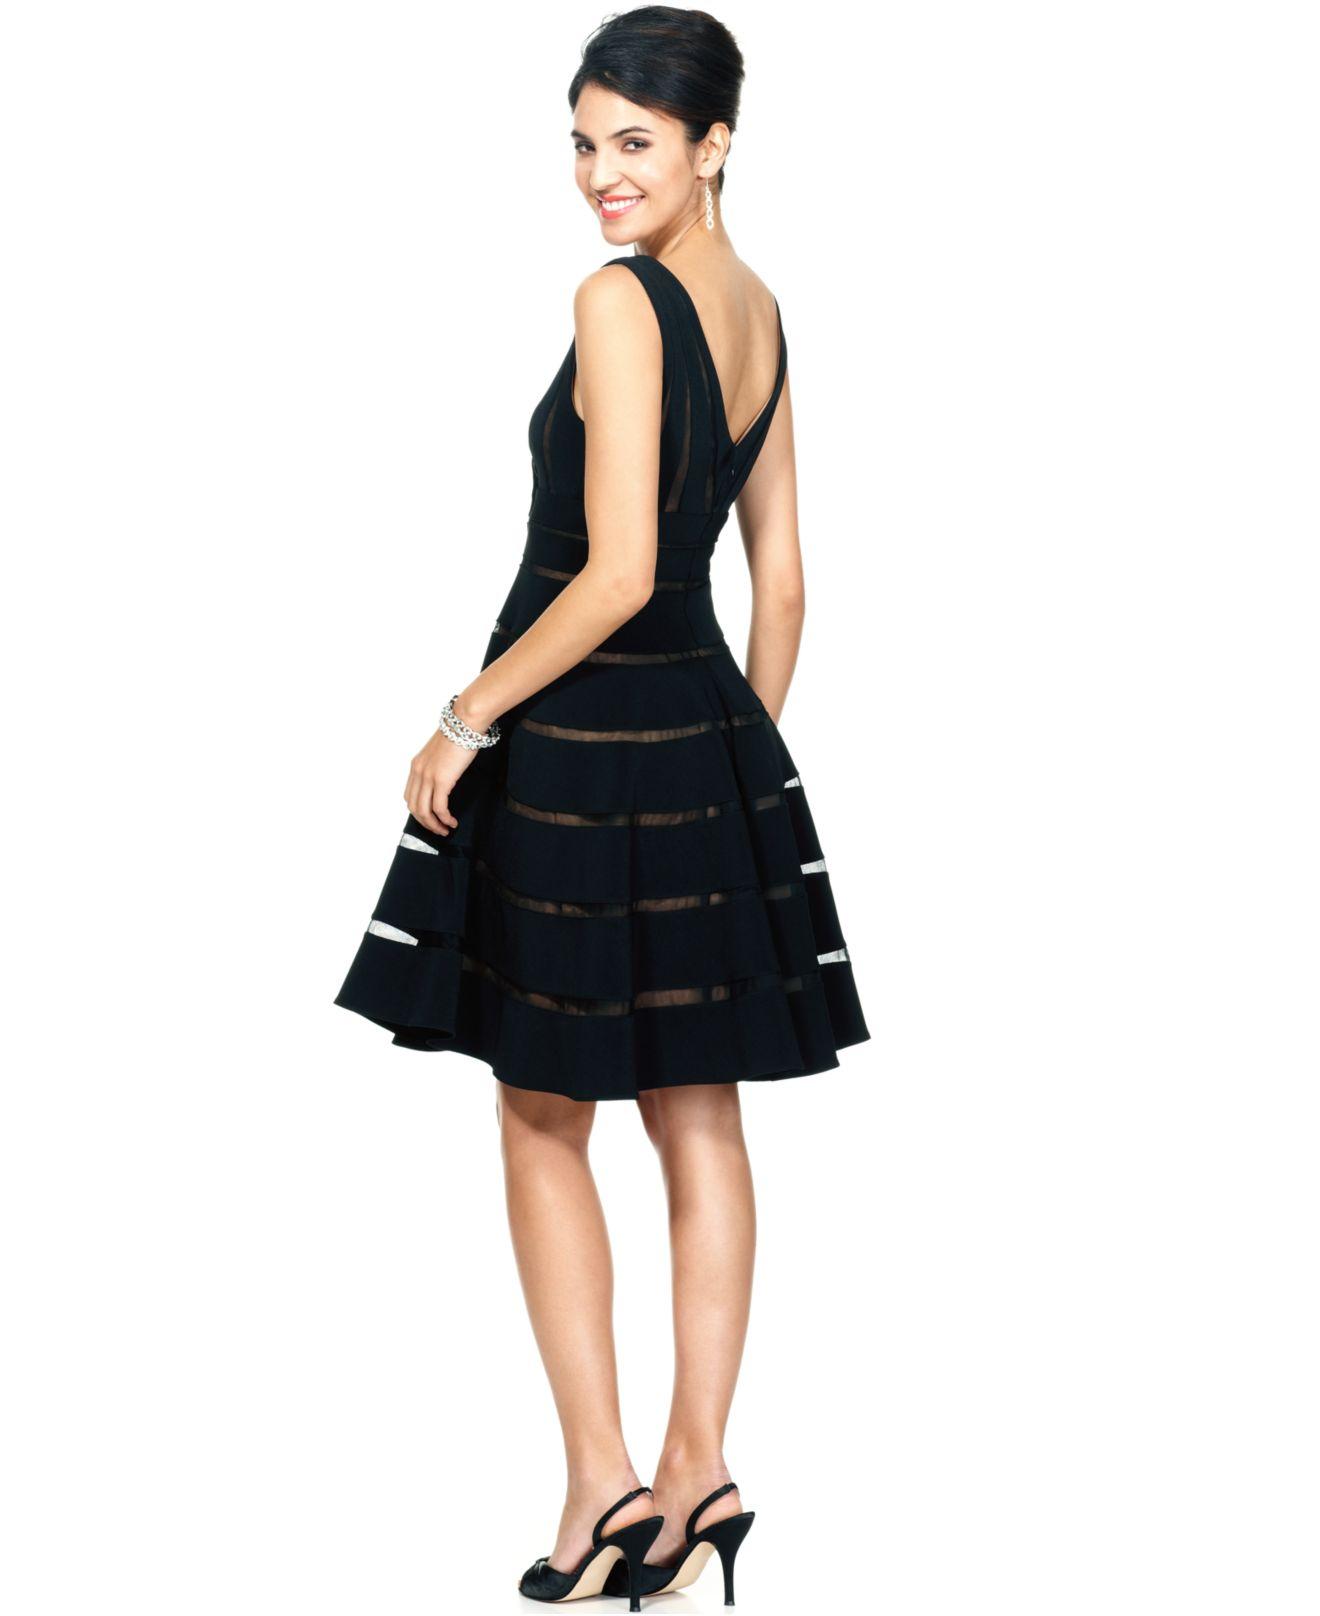 Js collection dresses black - Fashion dresses